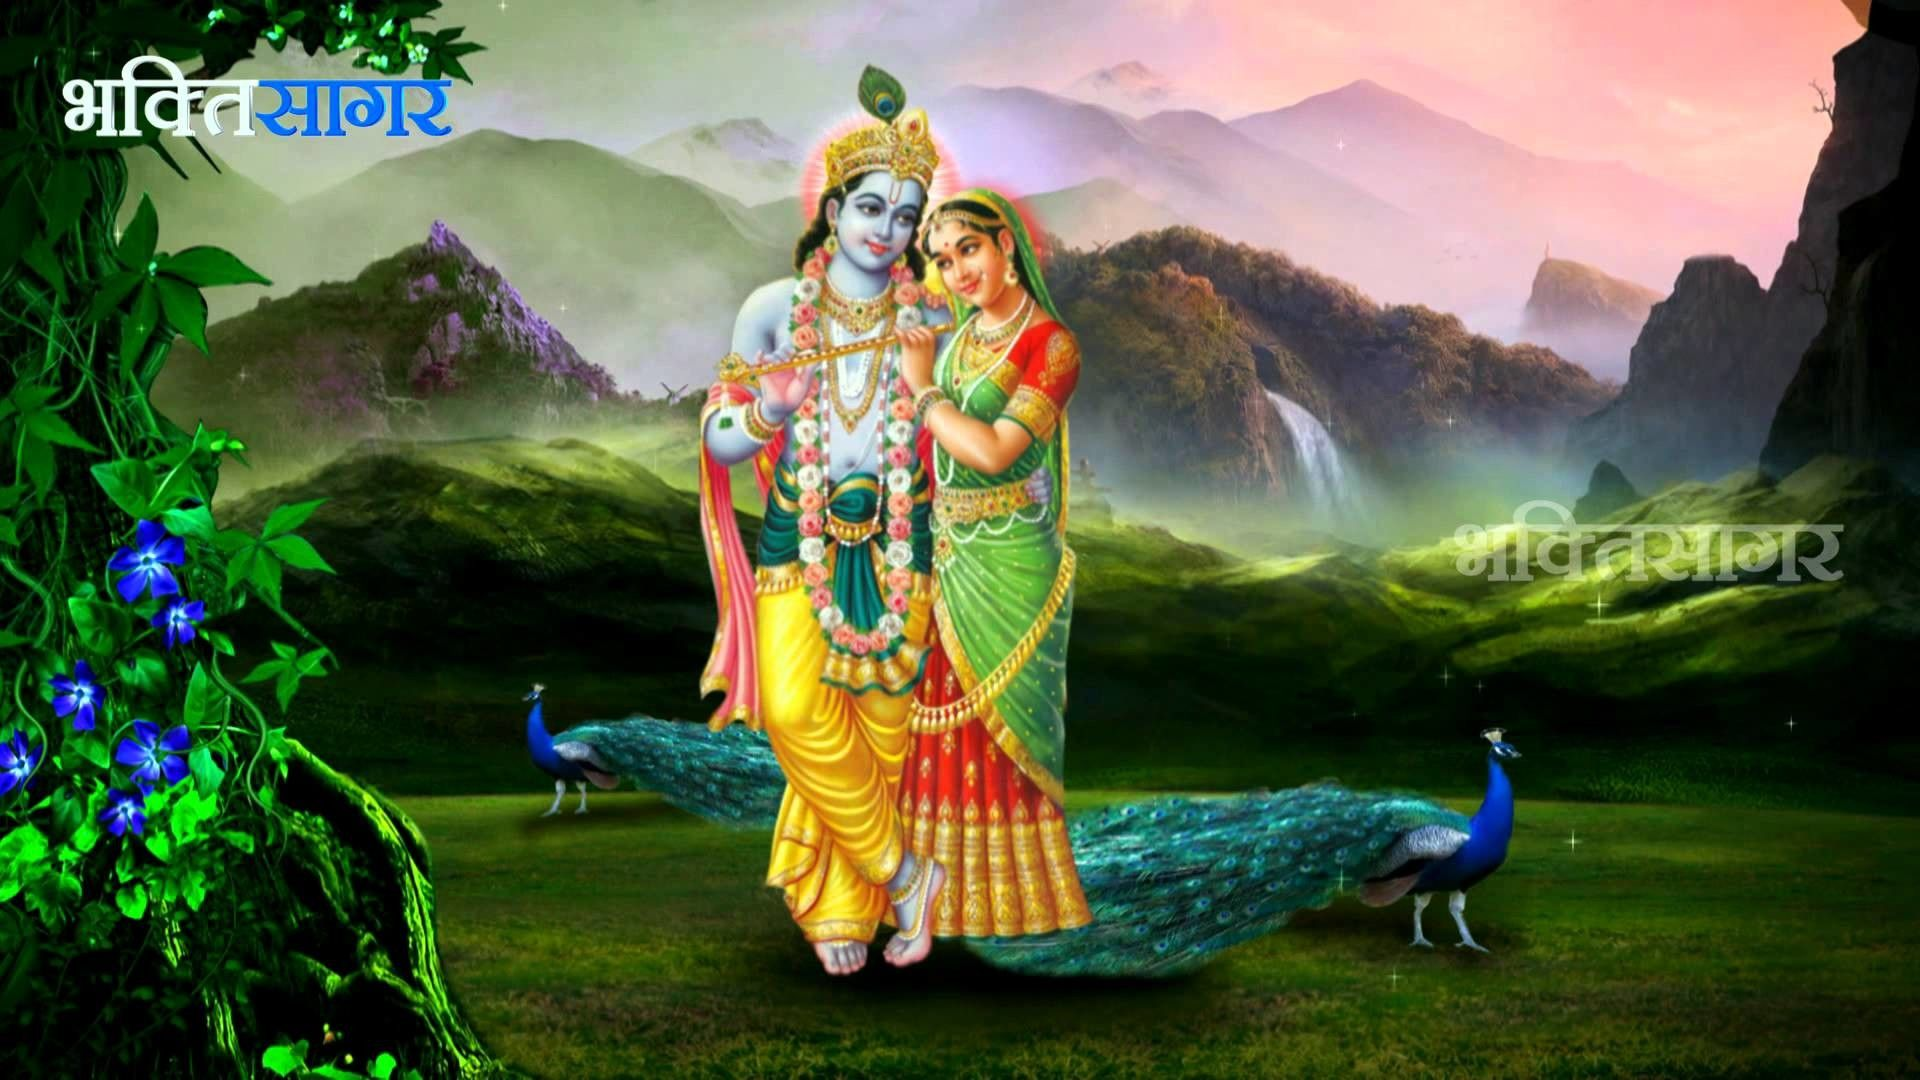 Pin By Ponnu Swamy On Krishna Lord Krishna Hd Wallpaper Lord Krishna Wallpapers Lord Krishna Images